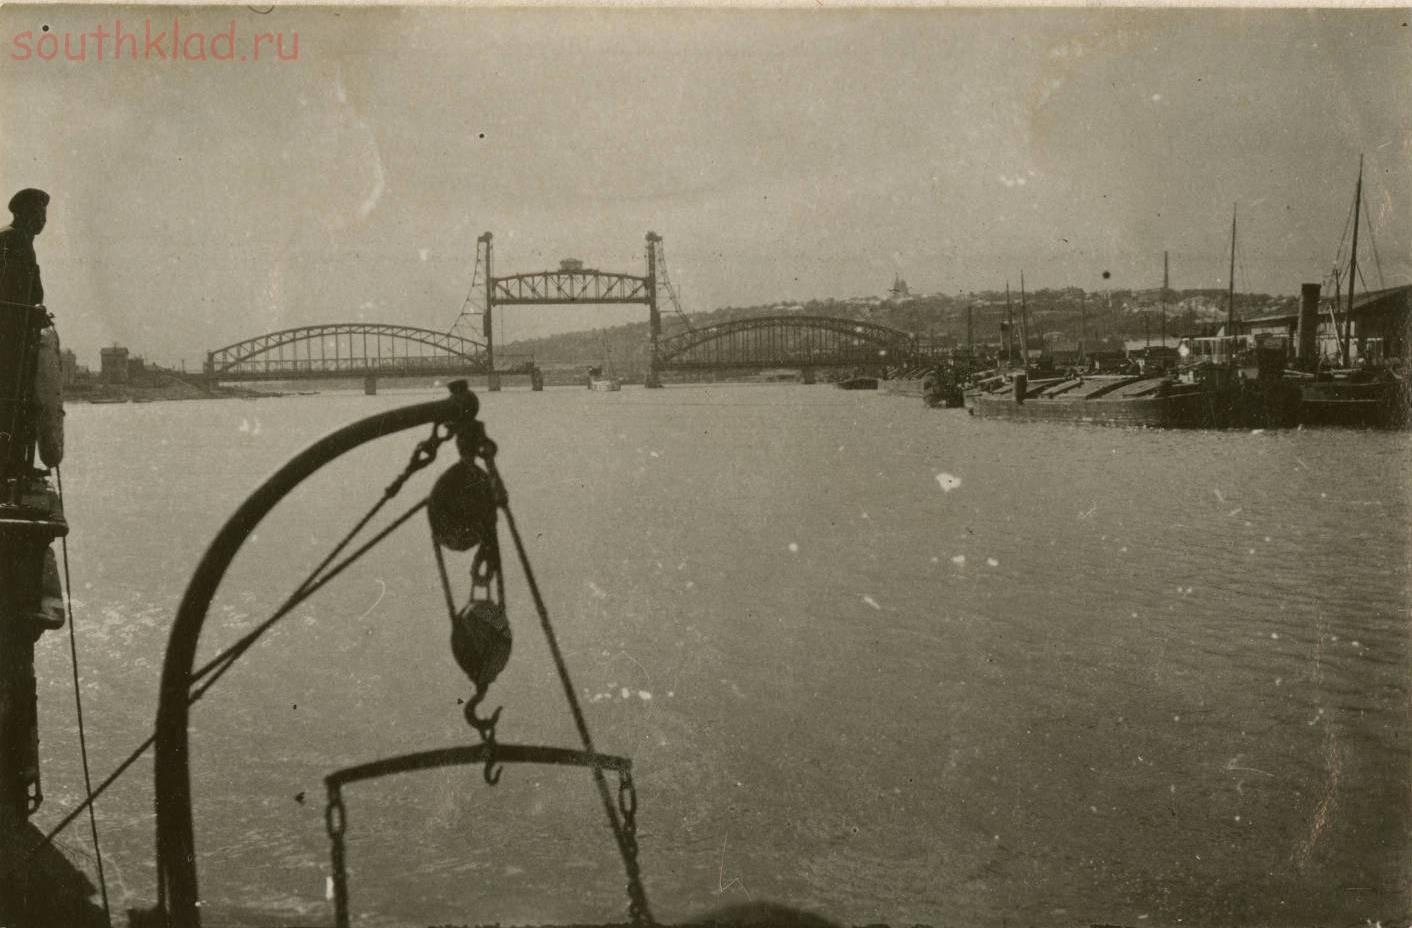 Ко Дню города: Ростов-на-Дону летом 1918 г. глазами немецкого оператора